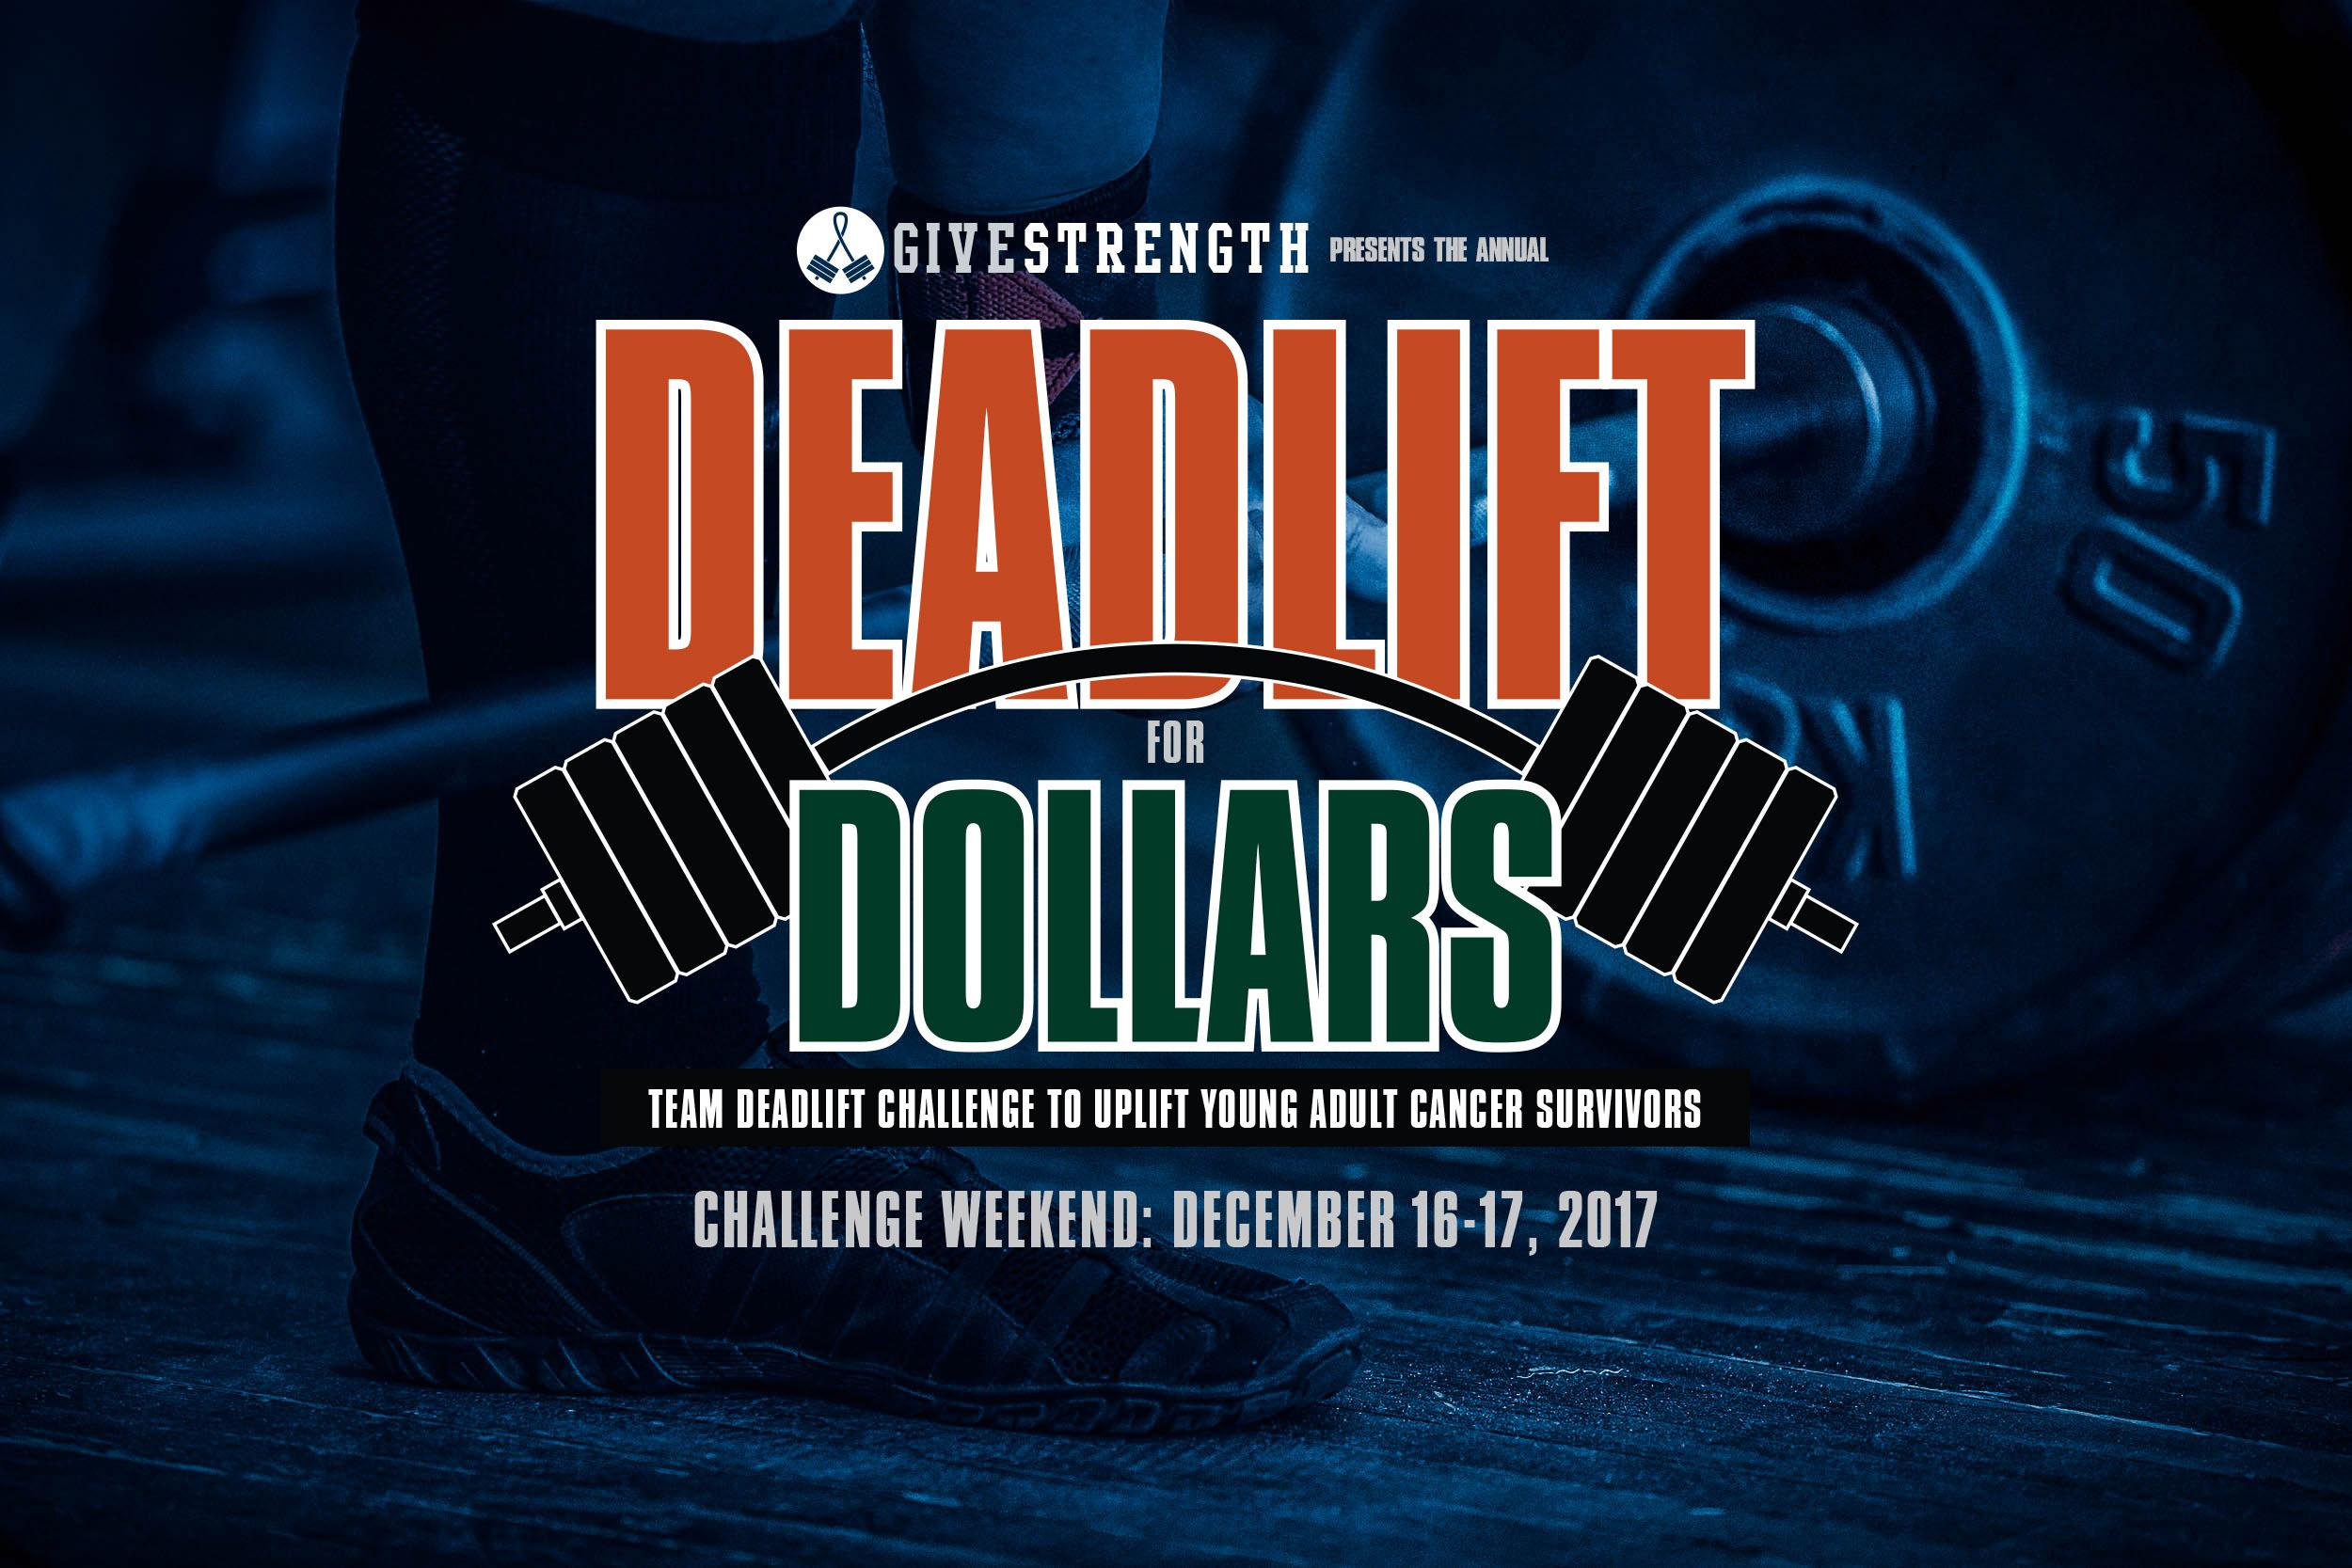 Deadlift For Dollars Facebook thumbnail.jpg